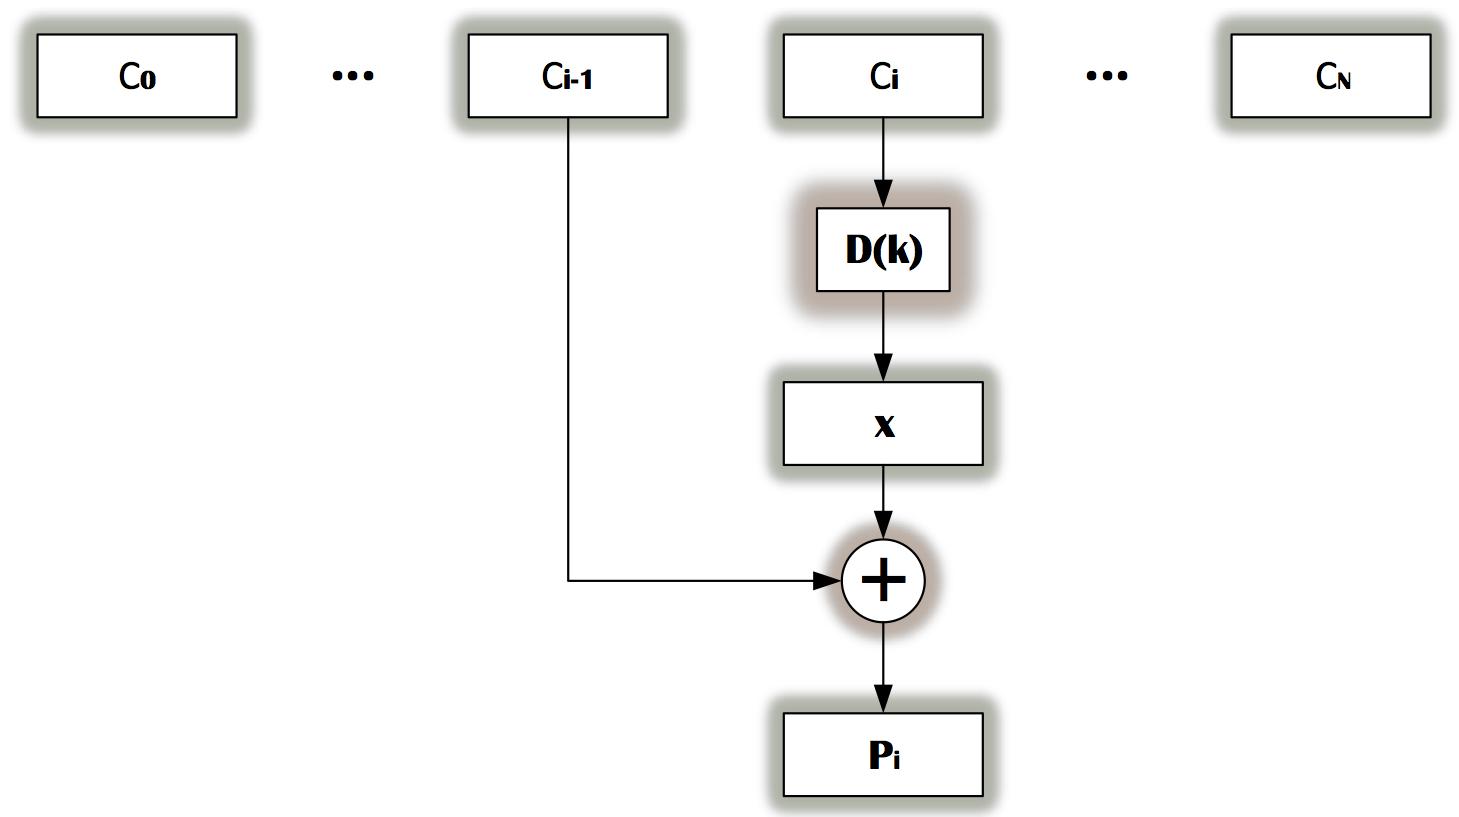 Рис. 17. Операция расшифровывания assertion при помощи блочного шифра в режиме СВС